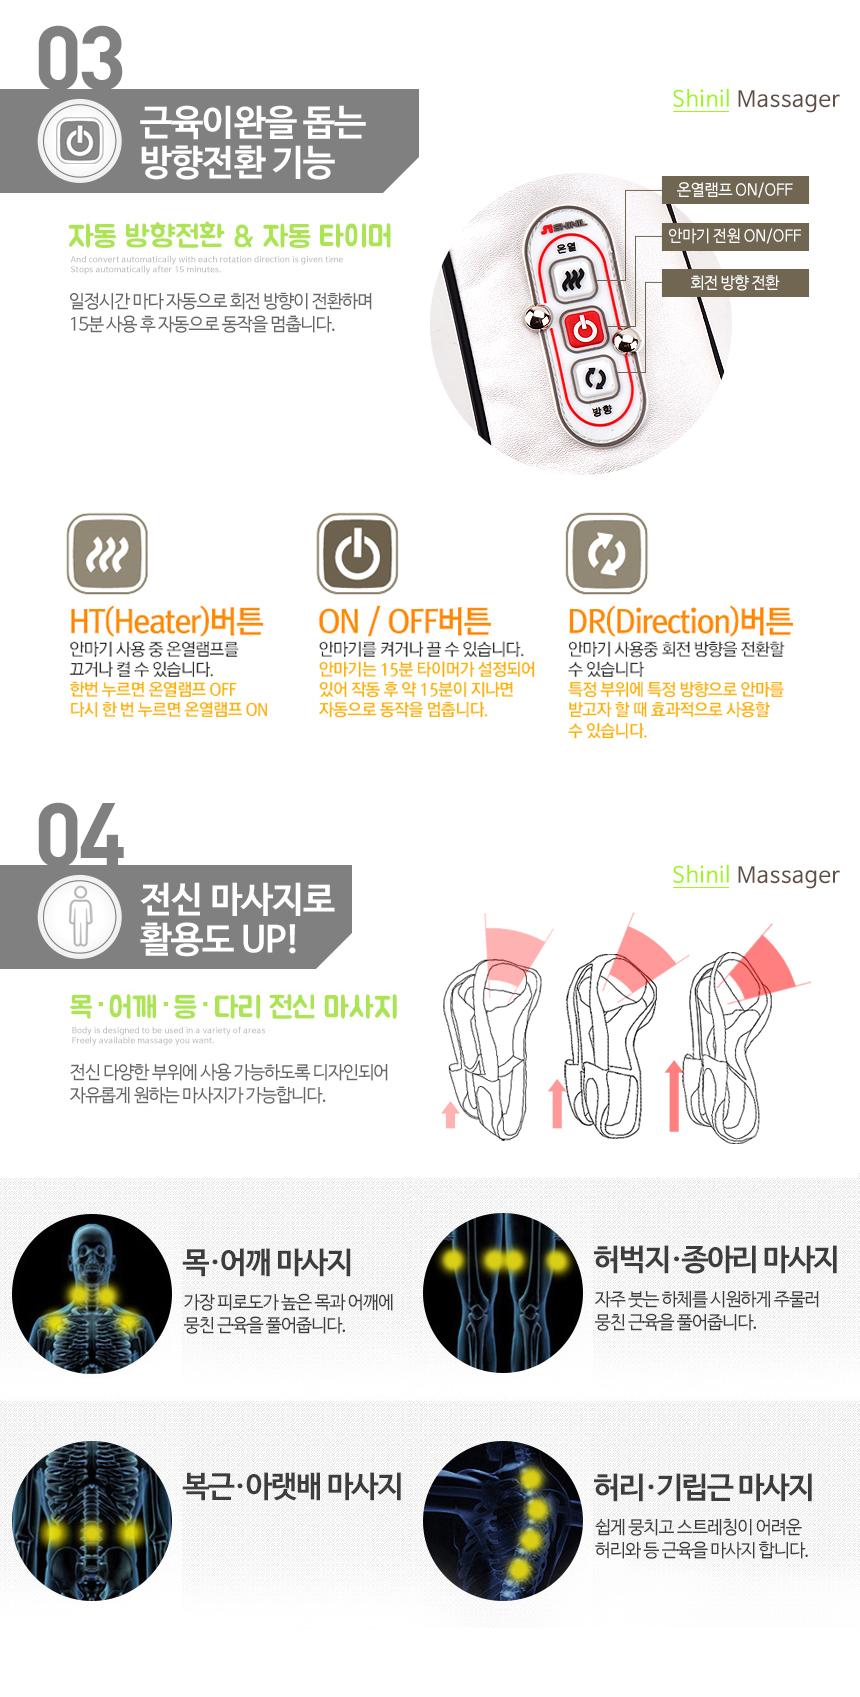 신일 4D안마기 어깨안마기 SHK-M5100 마사지 - 신일산업, 92,000원, 안마/교정, 부위안마기